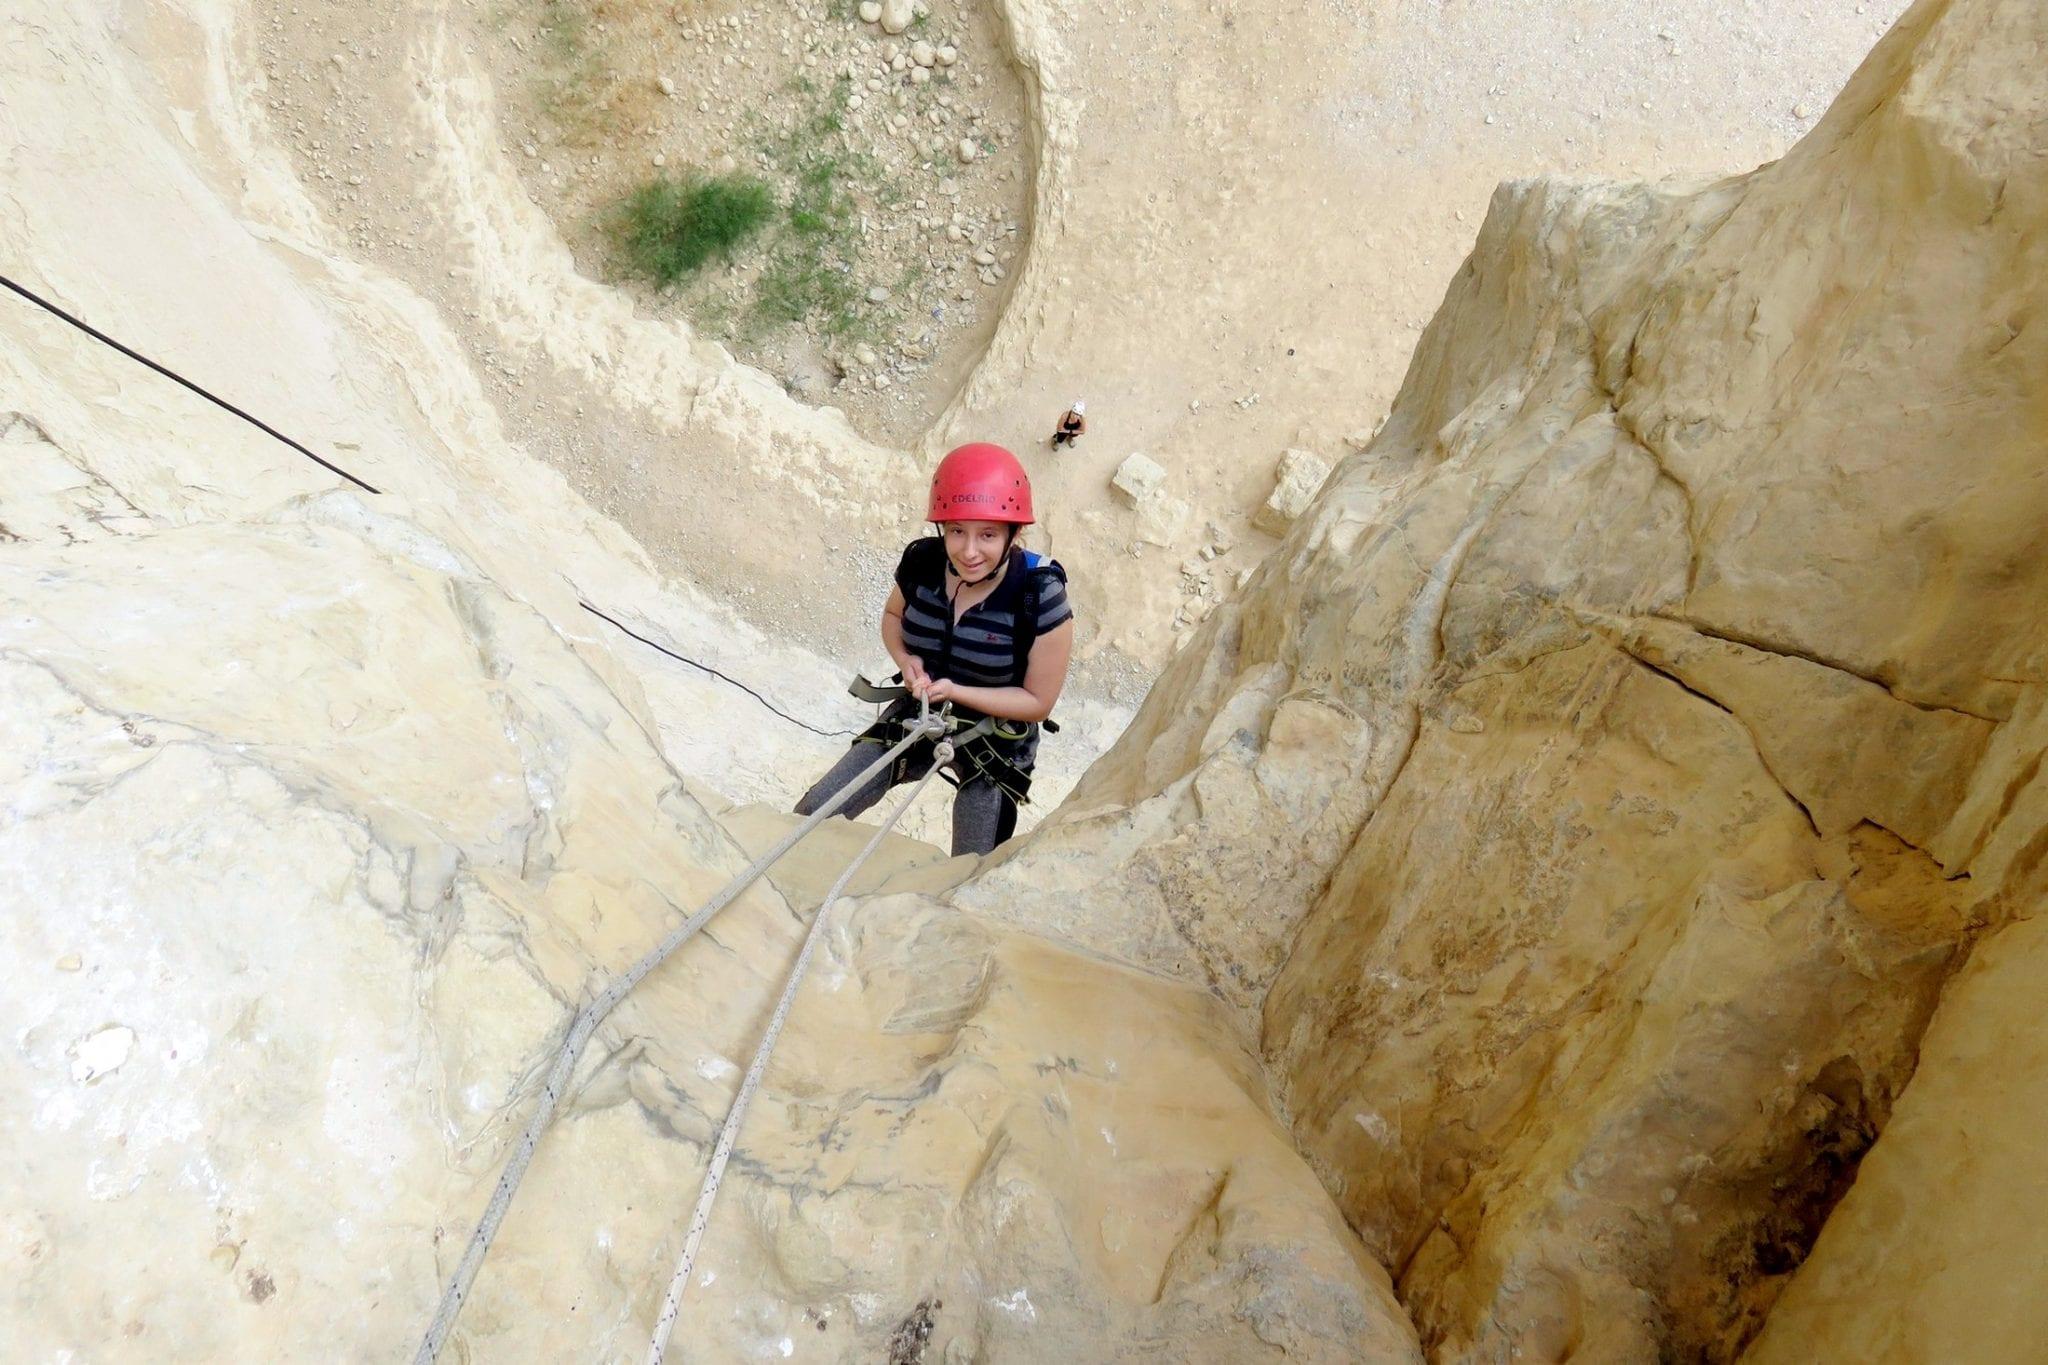 סנפלינג 40 מטרים נחל רחף - ערוצים בטבע